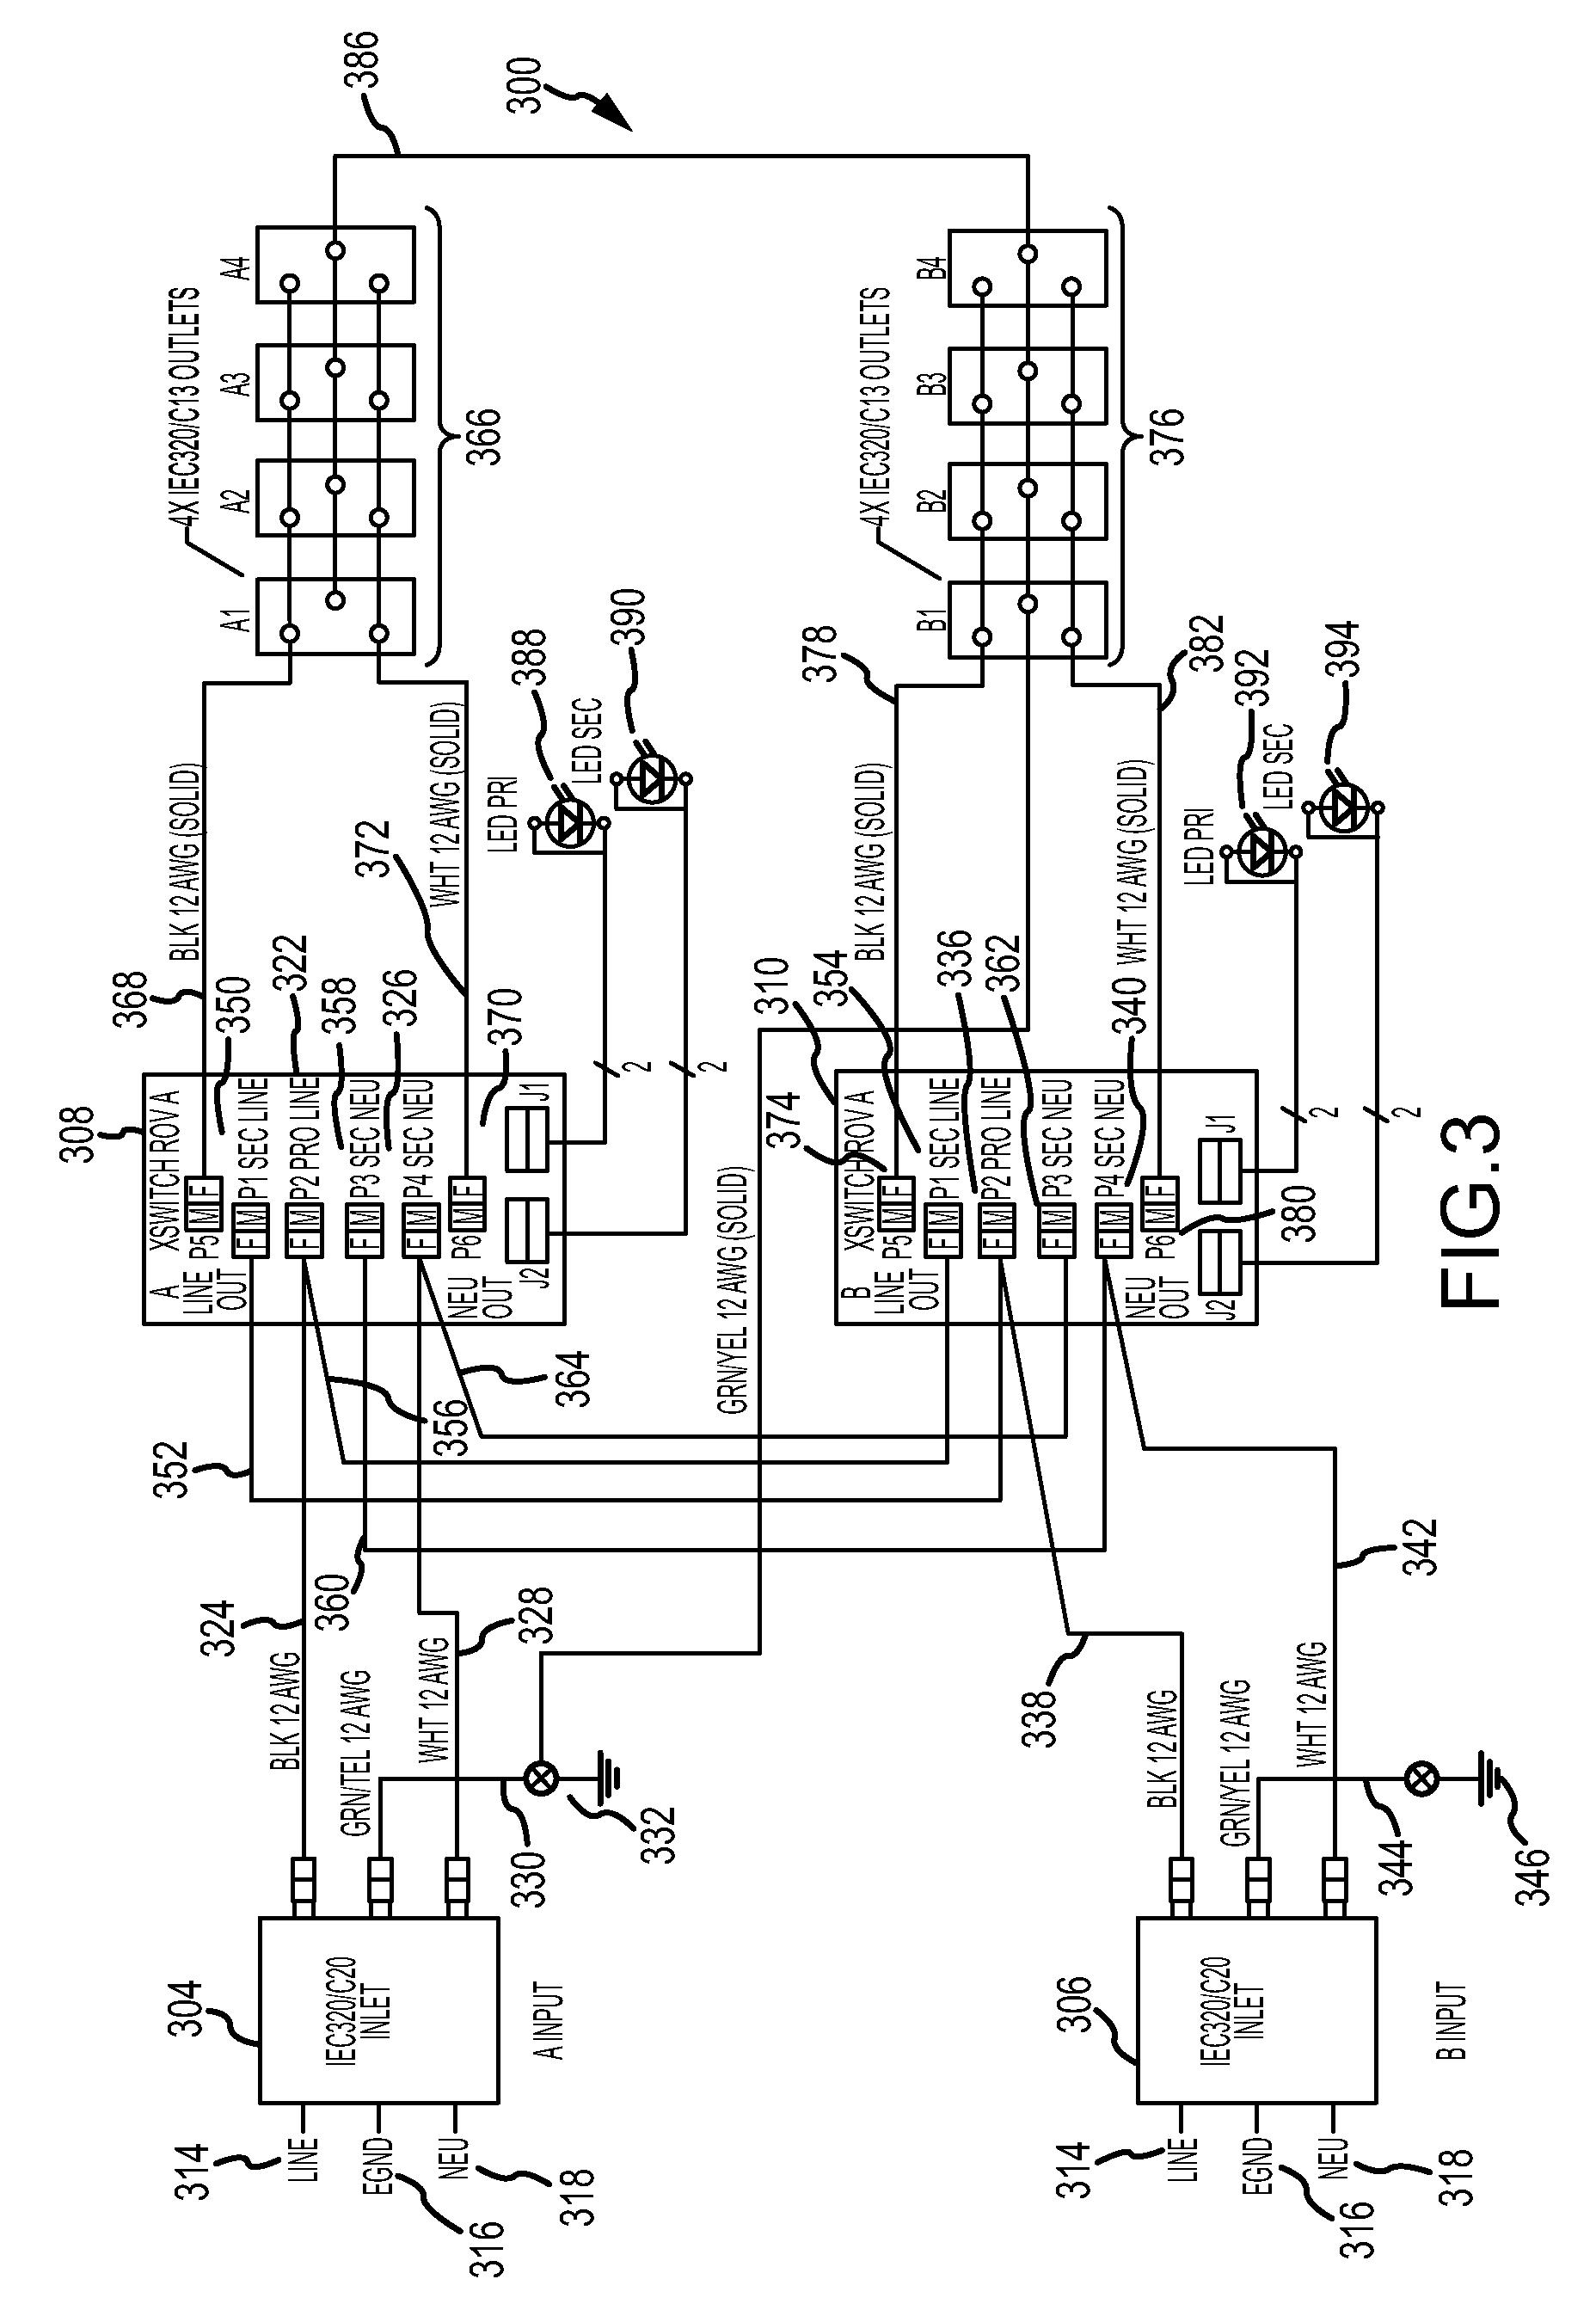 Viper 5706 Wiring Schematic Ford Diagrams Schematics